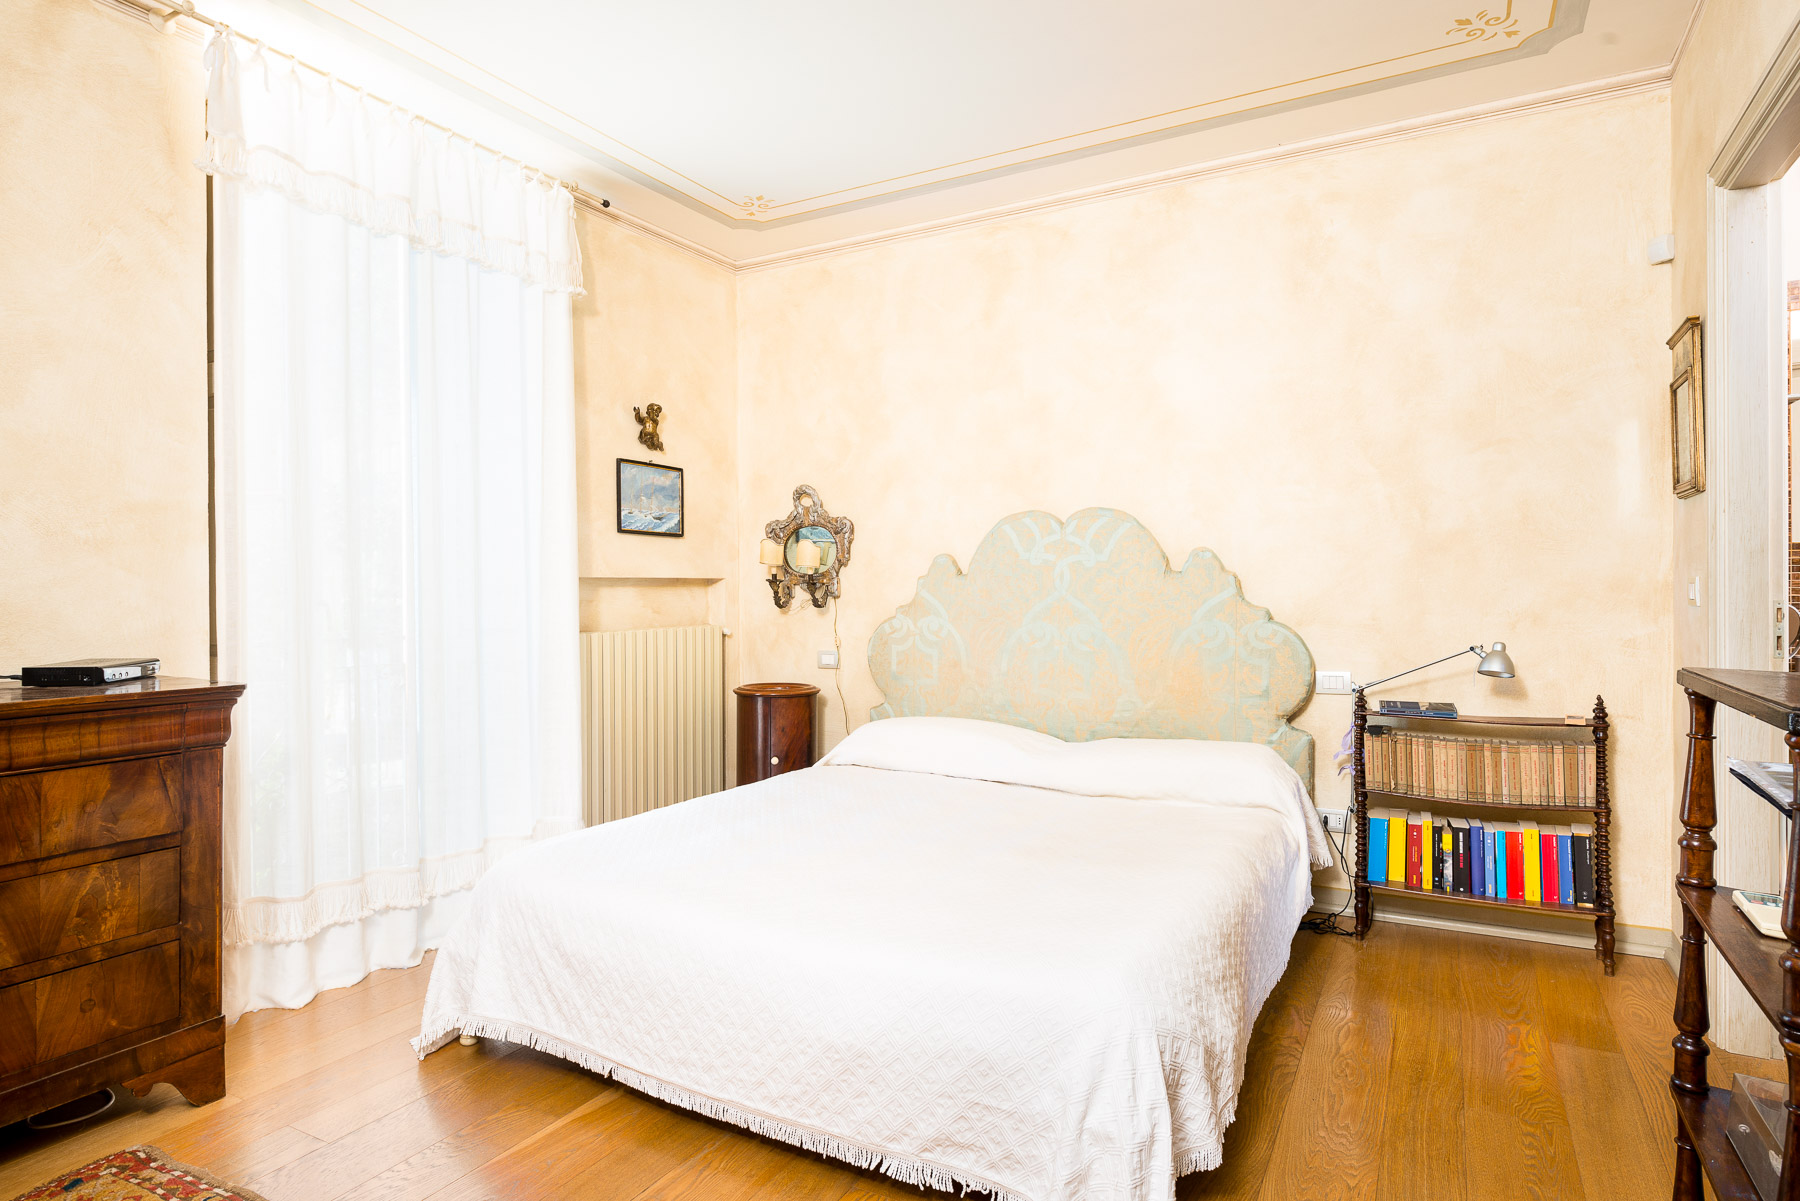 Casa indipendente in Vendita a Santa Margherita Ligure: 5 locali, 260 mq - Foto 8